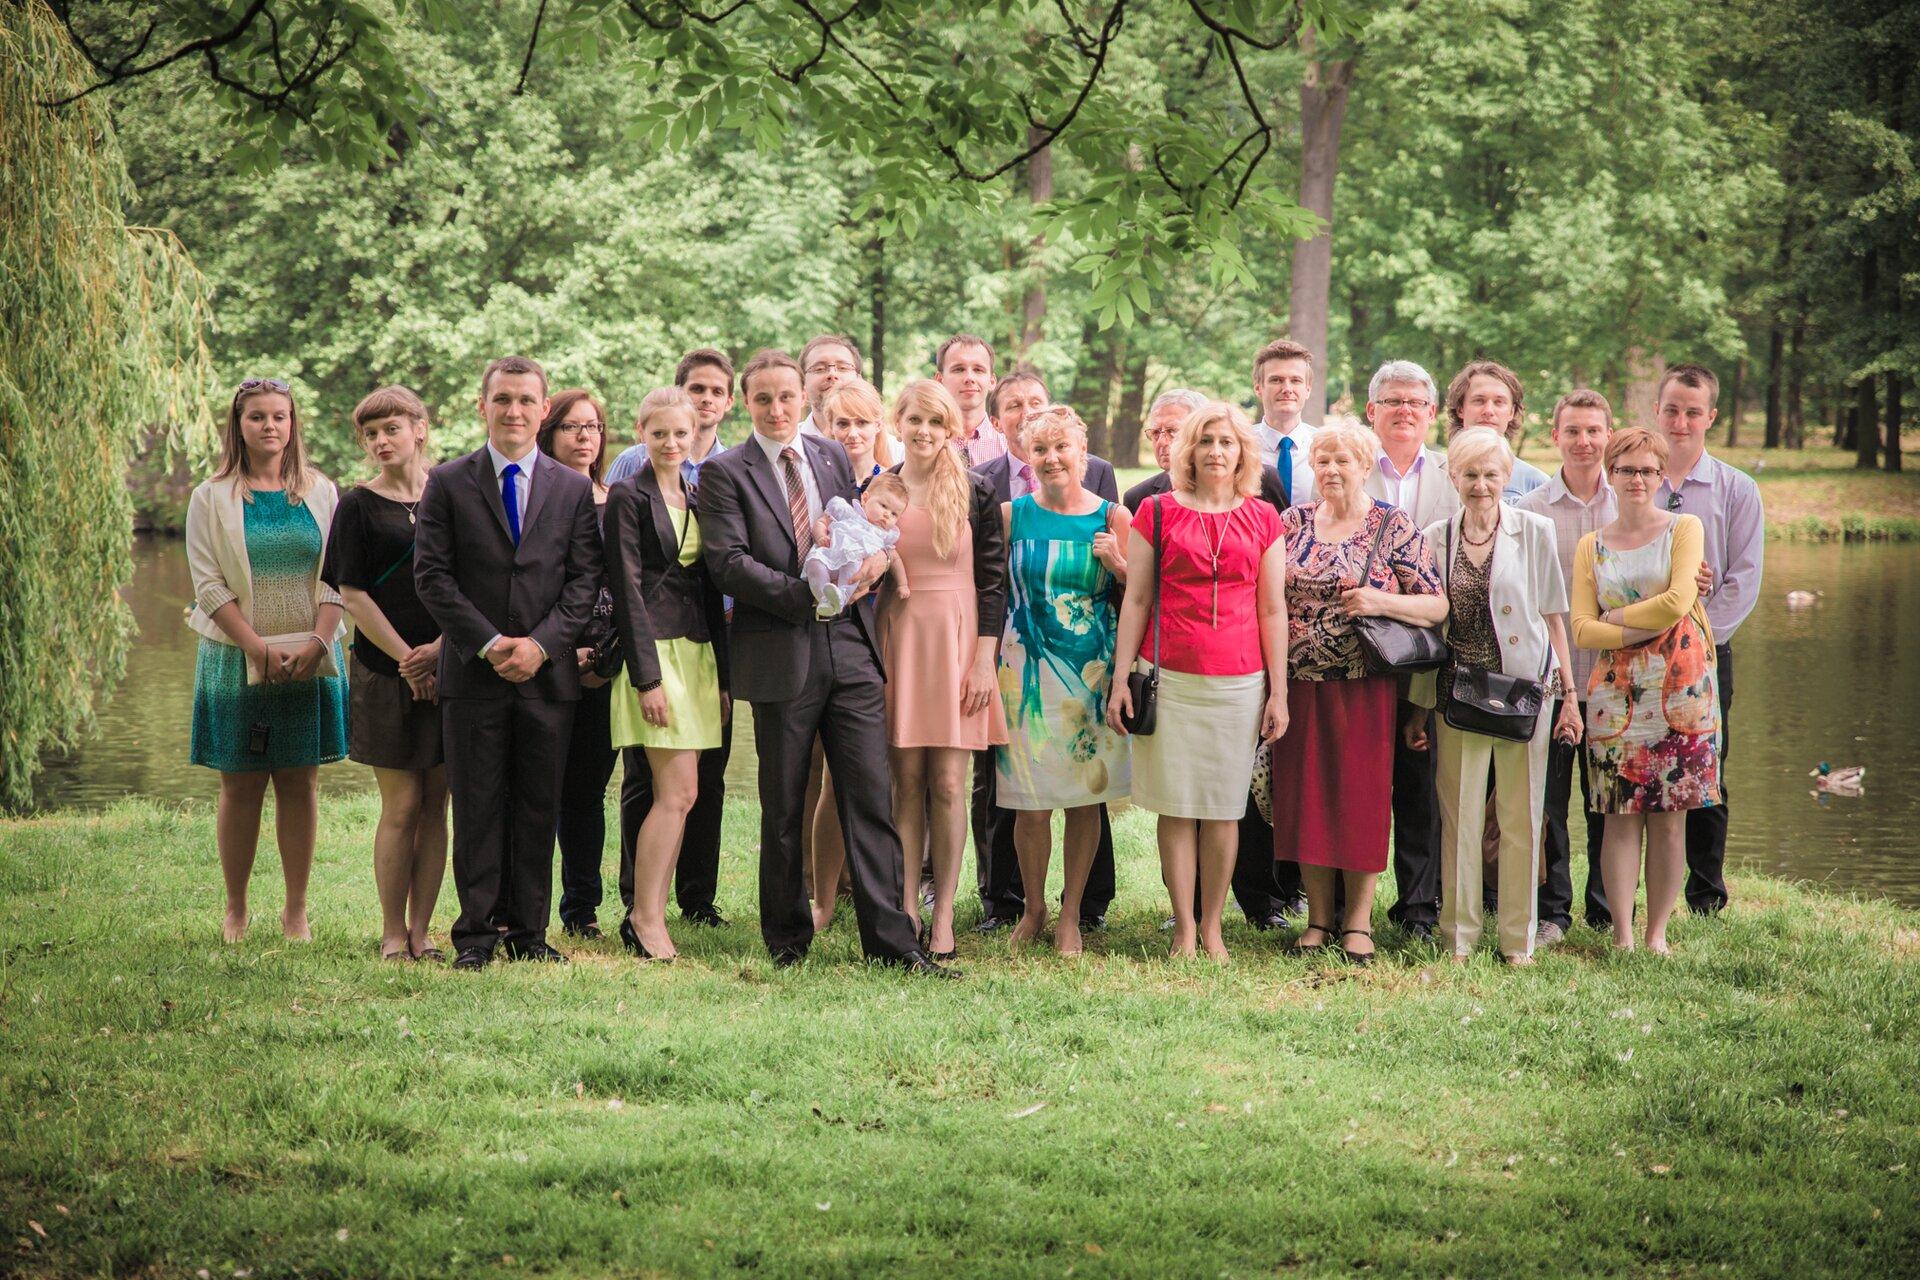 Fotografia licznej rodziny wielopokoleniowej